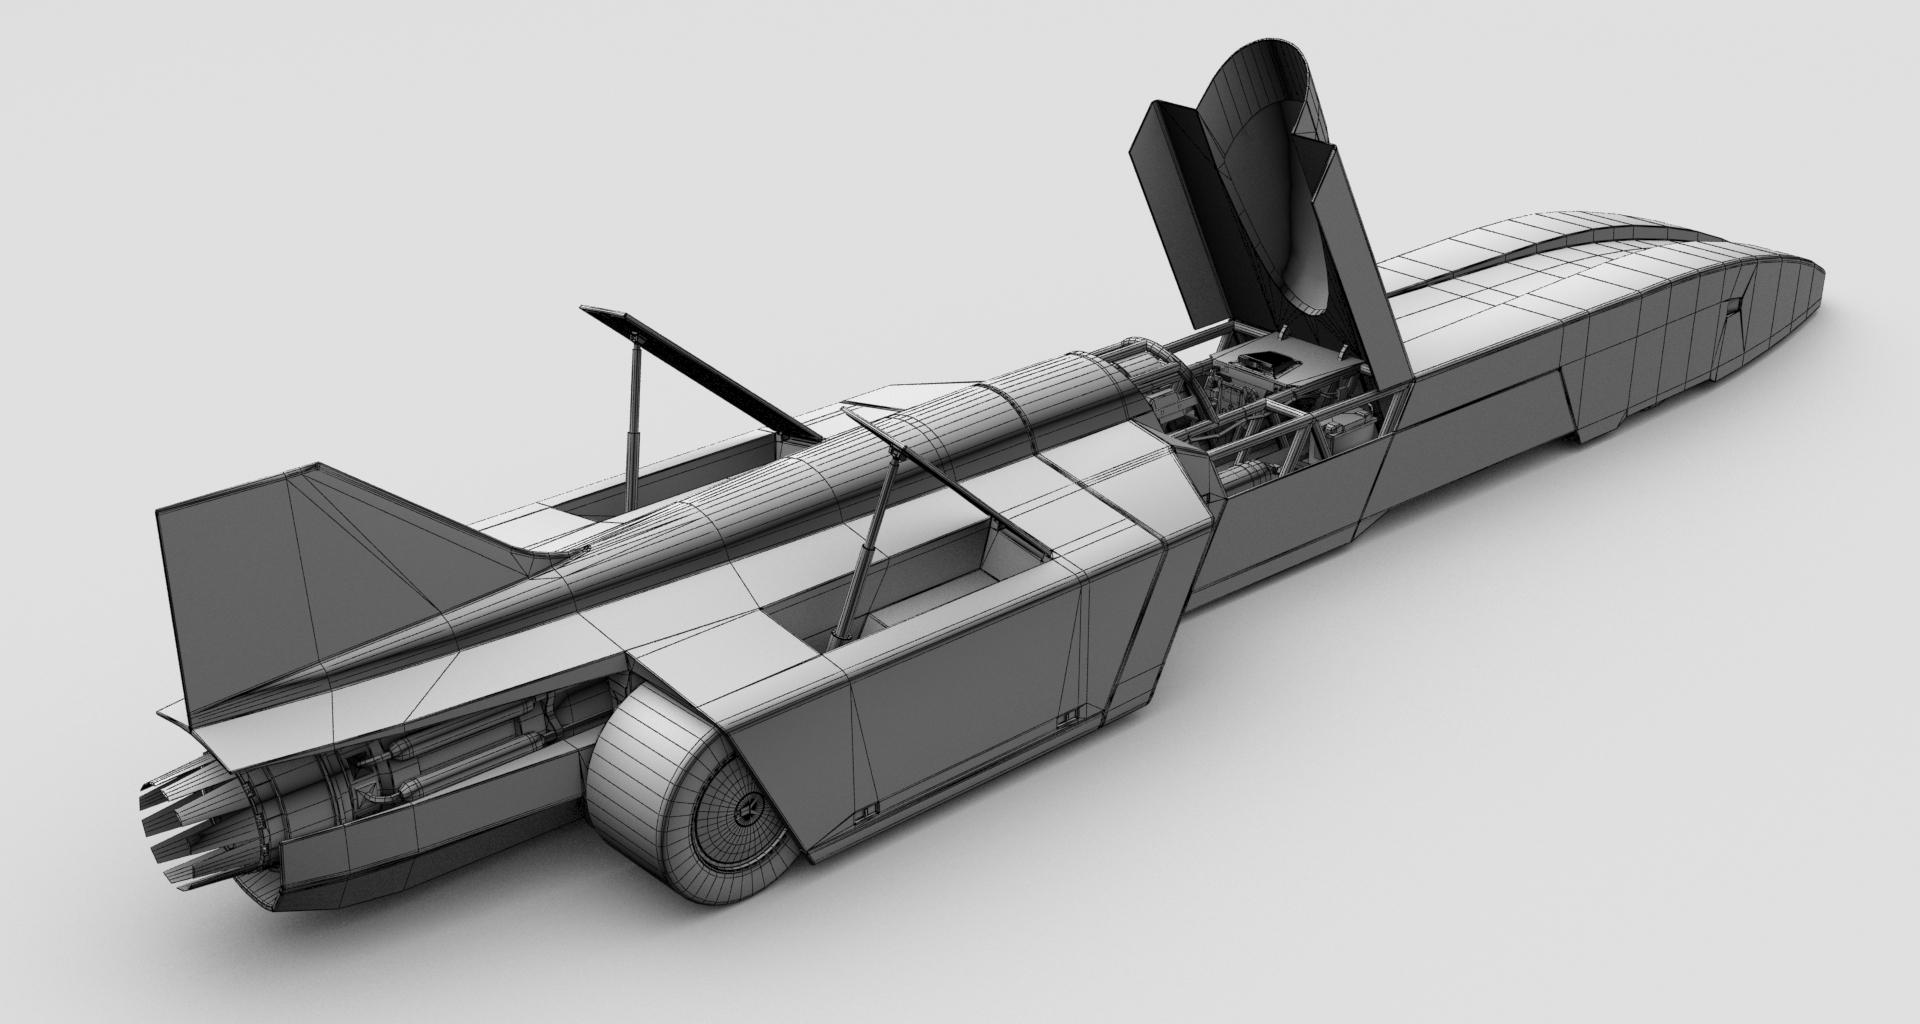 2012-10_The Crew_F.Beudin_Rocket-Car_AO_Rear_02